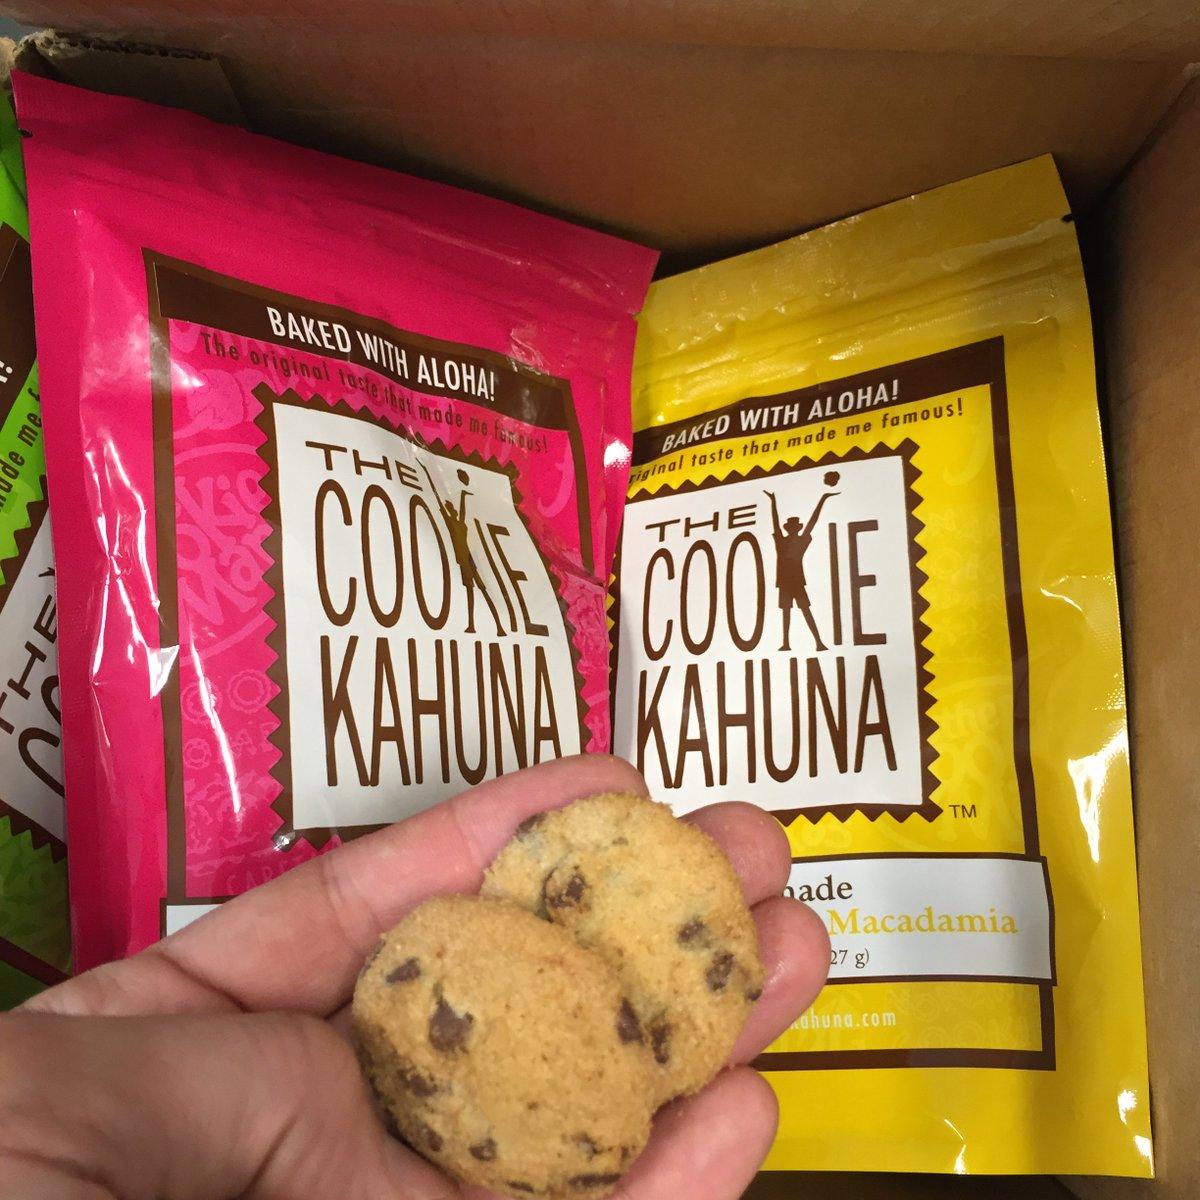 The Cookie Kahuna   Latest News, Breaking News Headlines